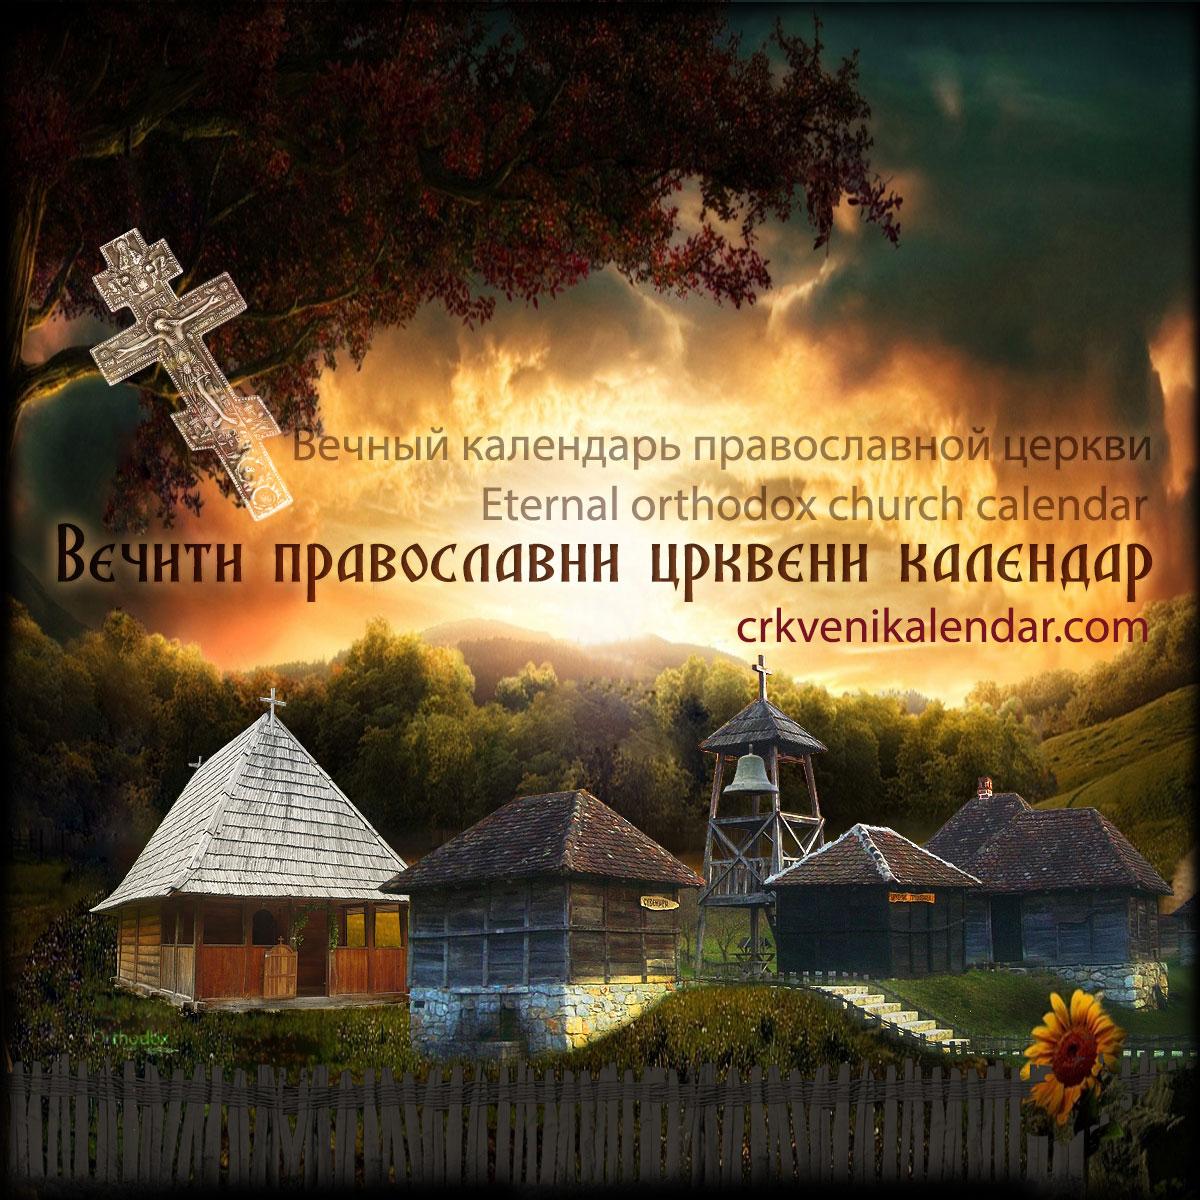 Вечити црквени православни календар за 06 02 лета